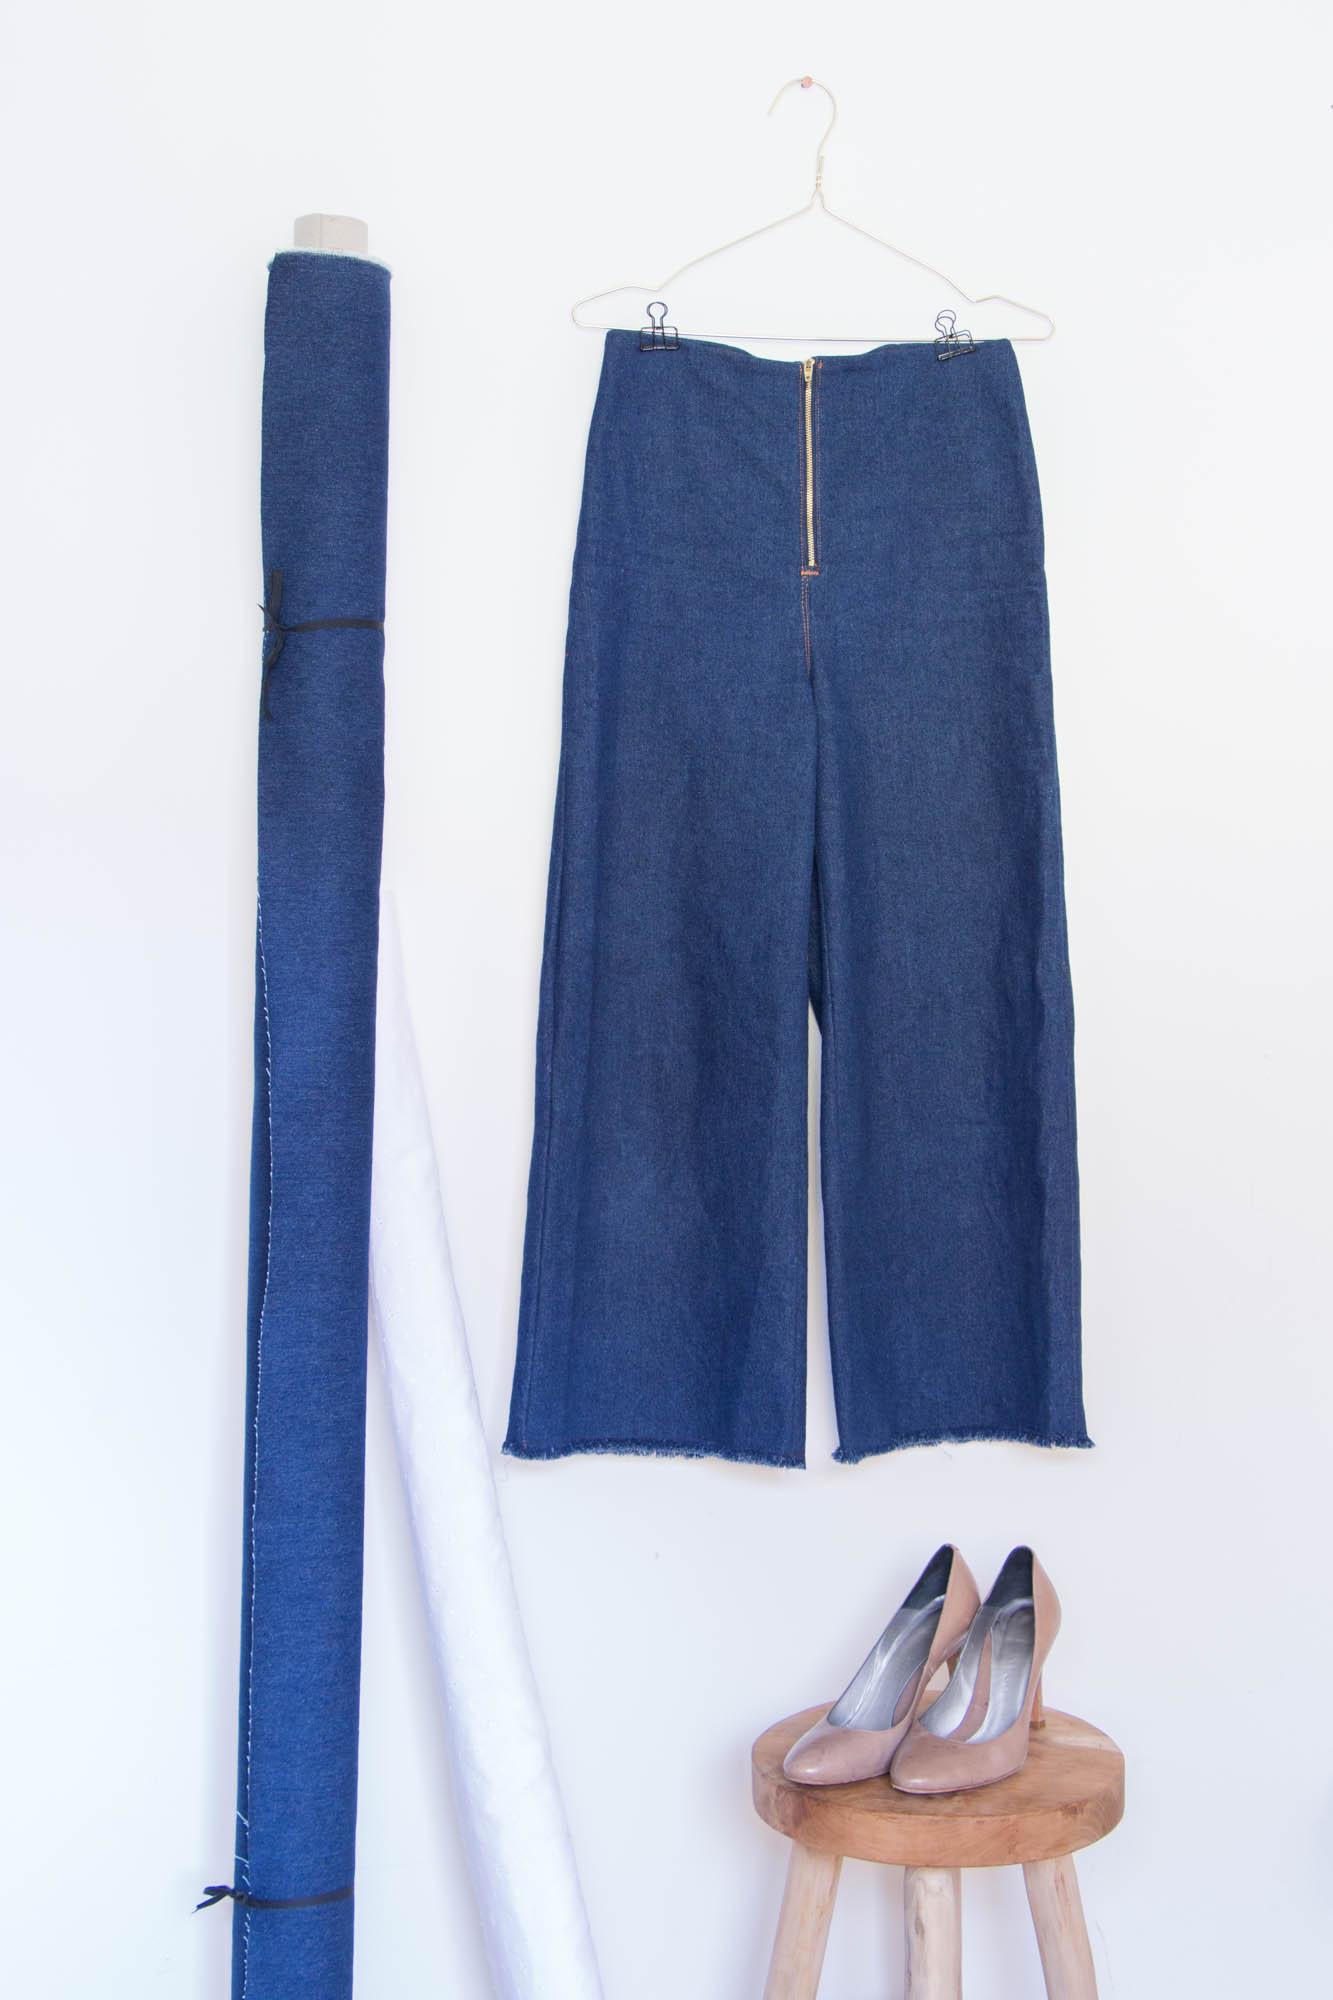 Jeans nähen - Jeanshose mit weitem Bein und hoher Taille